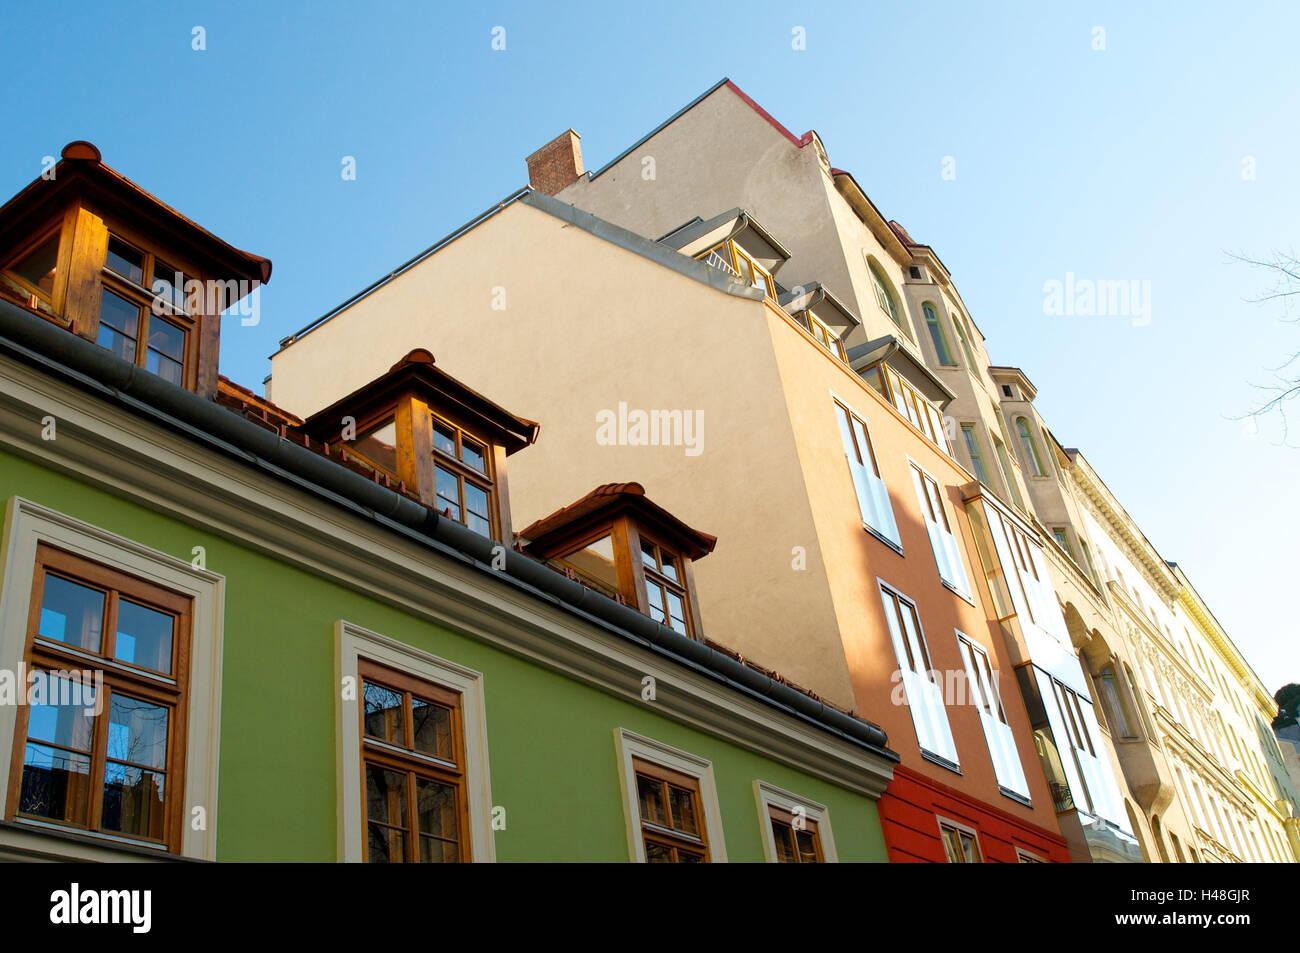 Hausfassaden, Sonne, Himmel, blau, Häuser, Gebäude, Haus Line, Berg ...